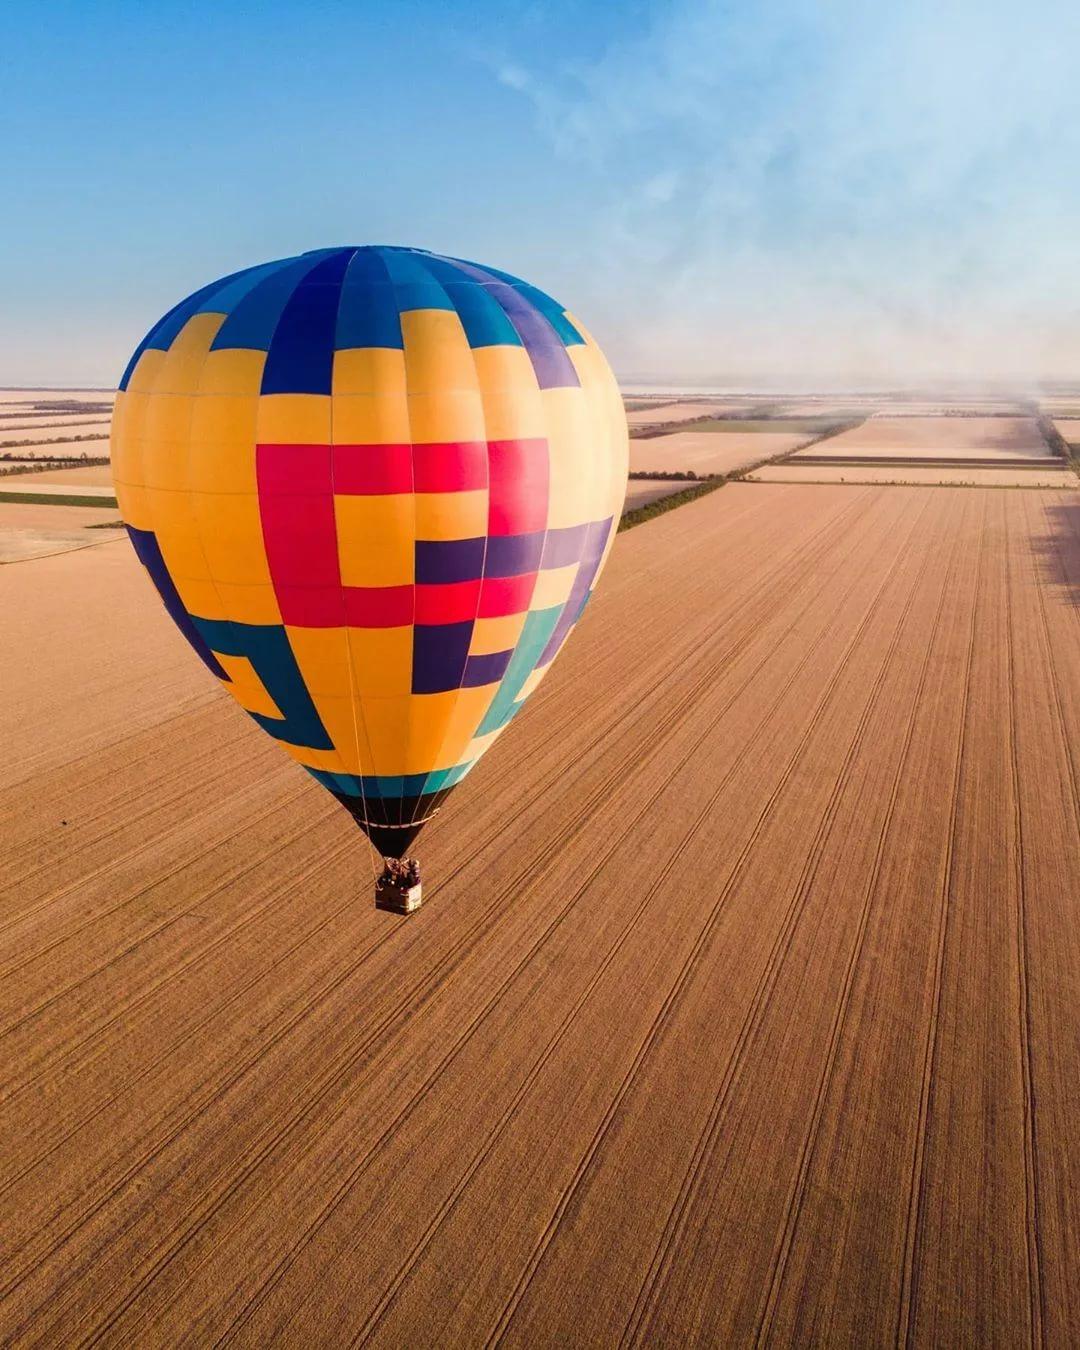 Полет в подарок: кому лучше подарить полет на самолете, вертолете, параплане и на воздушном шаре? как выбрать в подарок урок с управлением спортивного самолета?